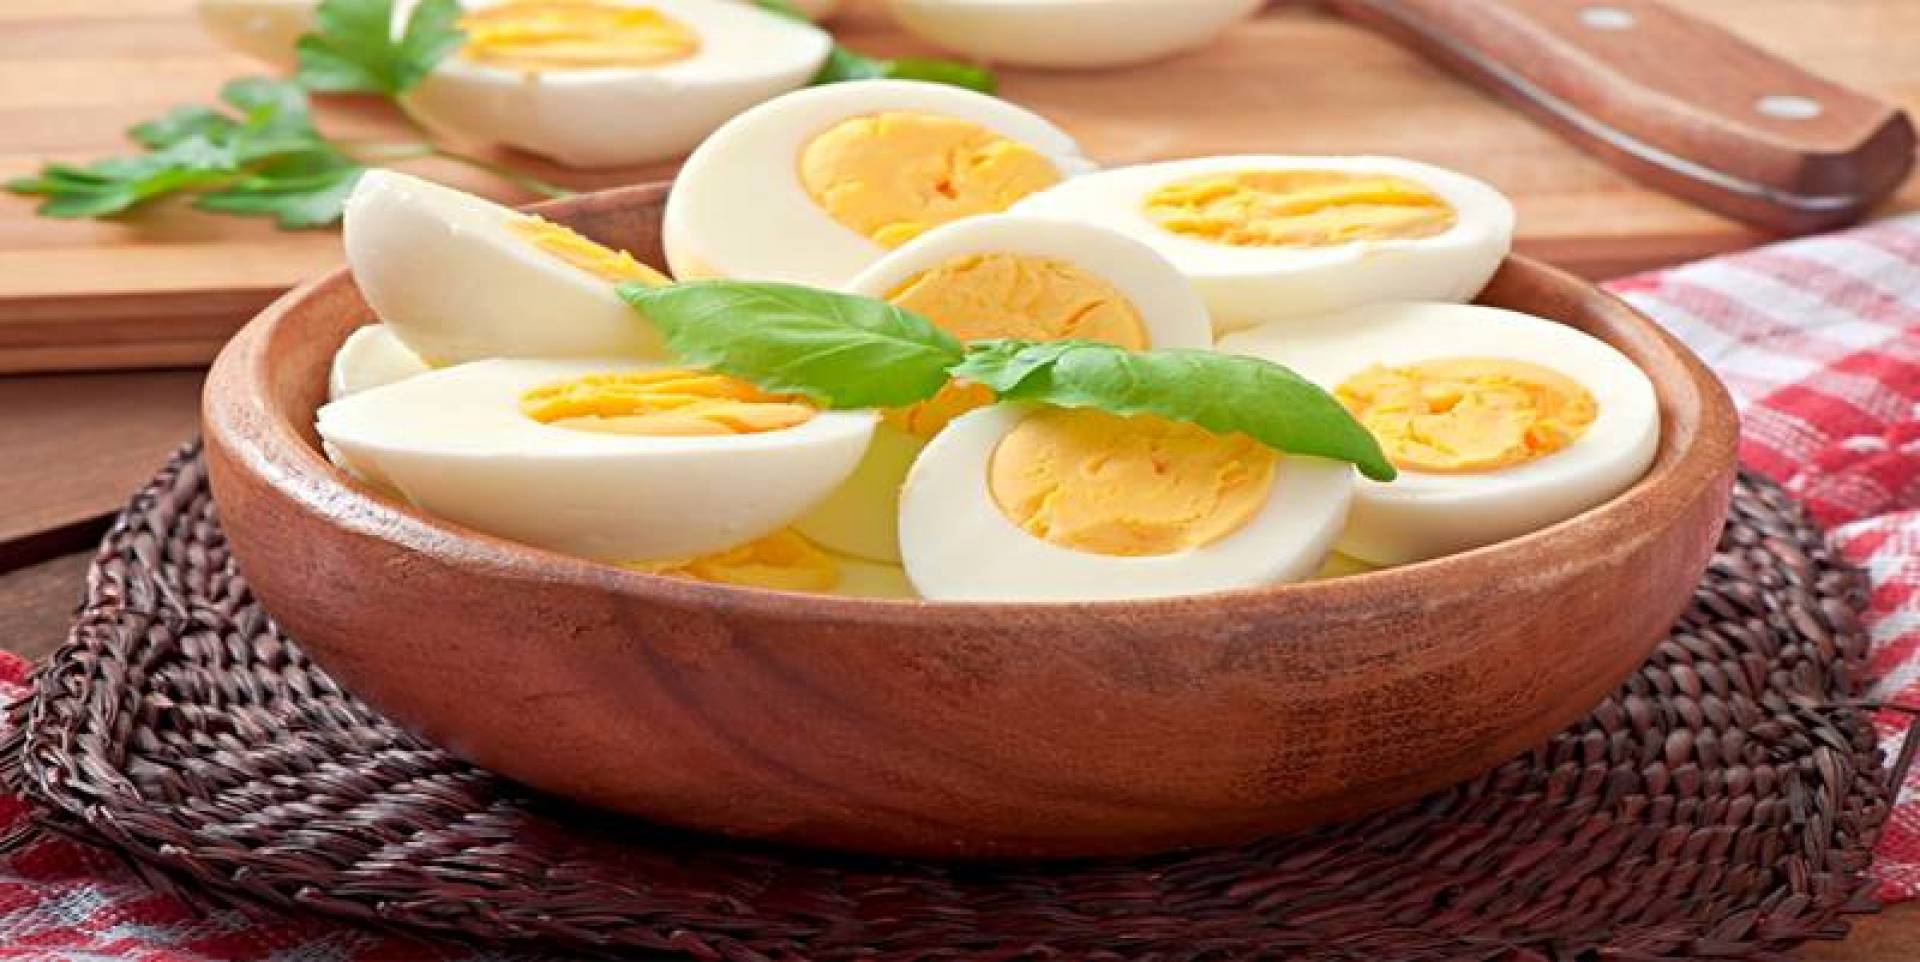 دراسة: تناول بيضة يومياً.. يزيد من خطر الإصابة بالسكري